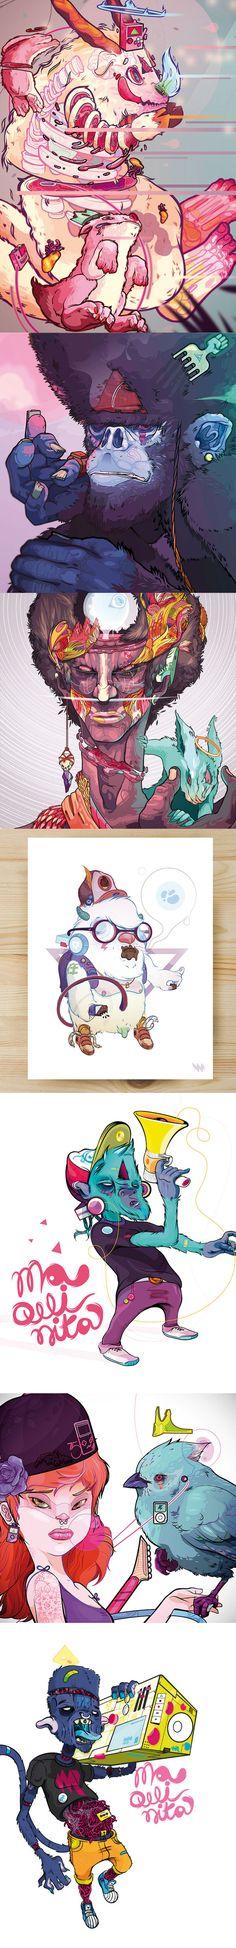 Les illustrations numériques colorées et décalées de Andrés Ariza. Un univers et un style excellent.